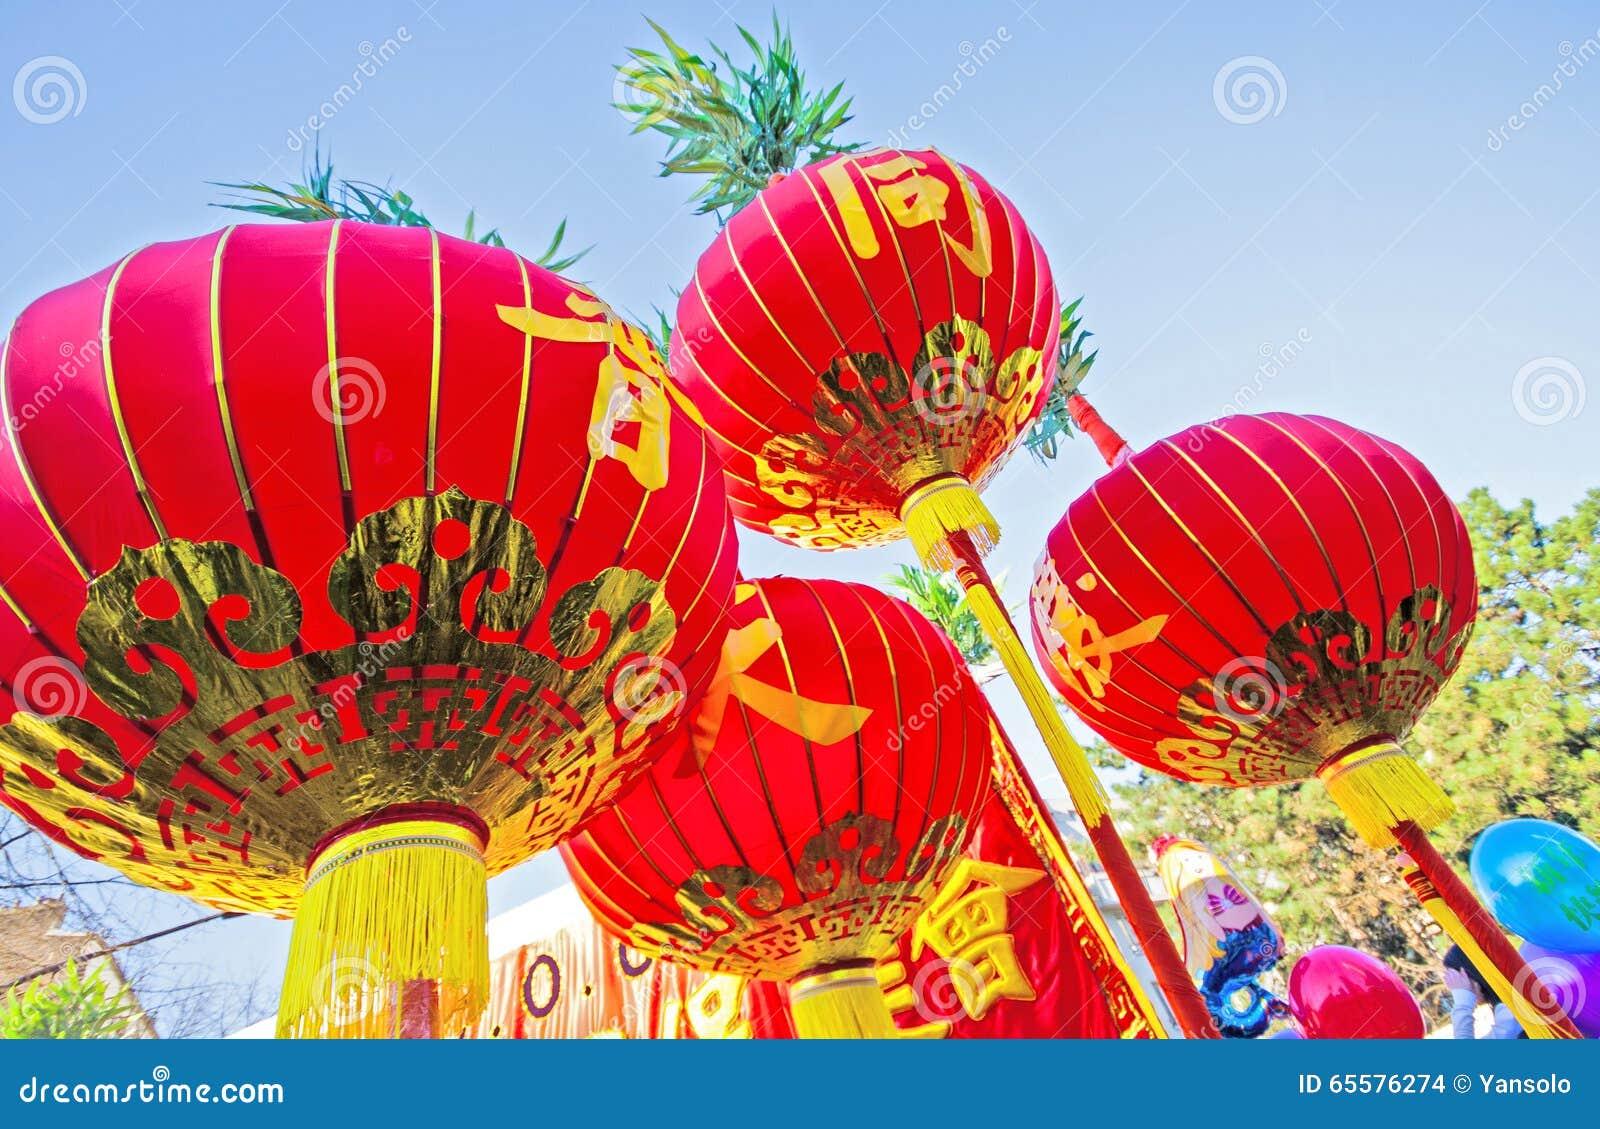 Chinesische Laternen : Chinese Lanterns